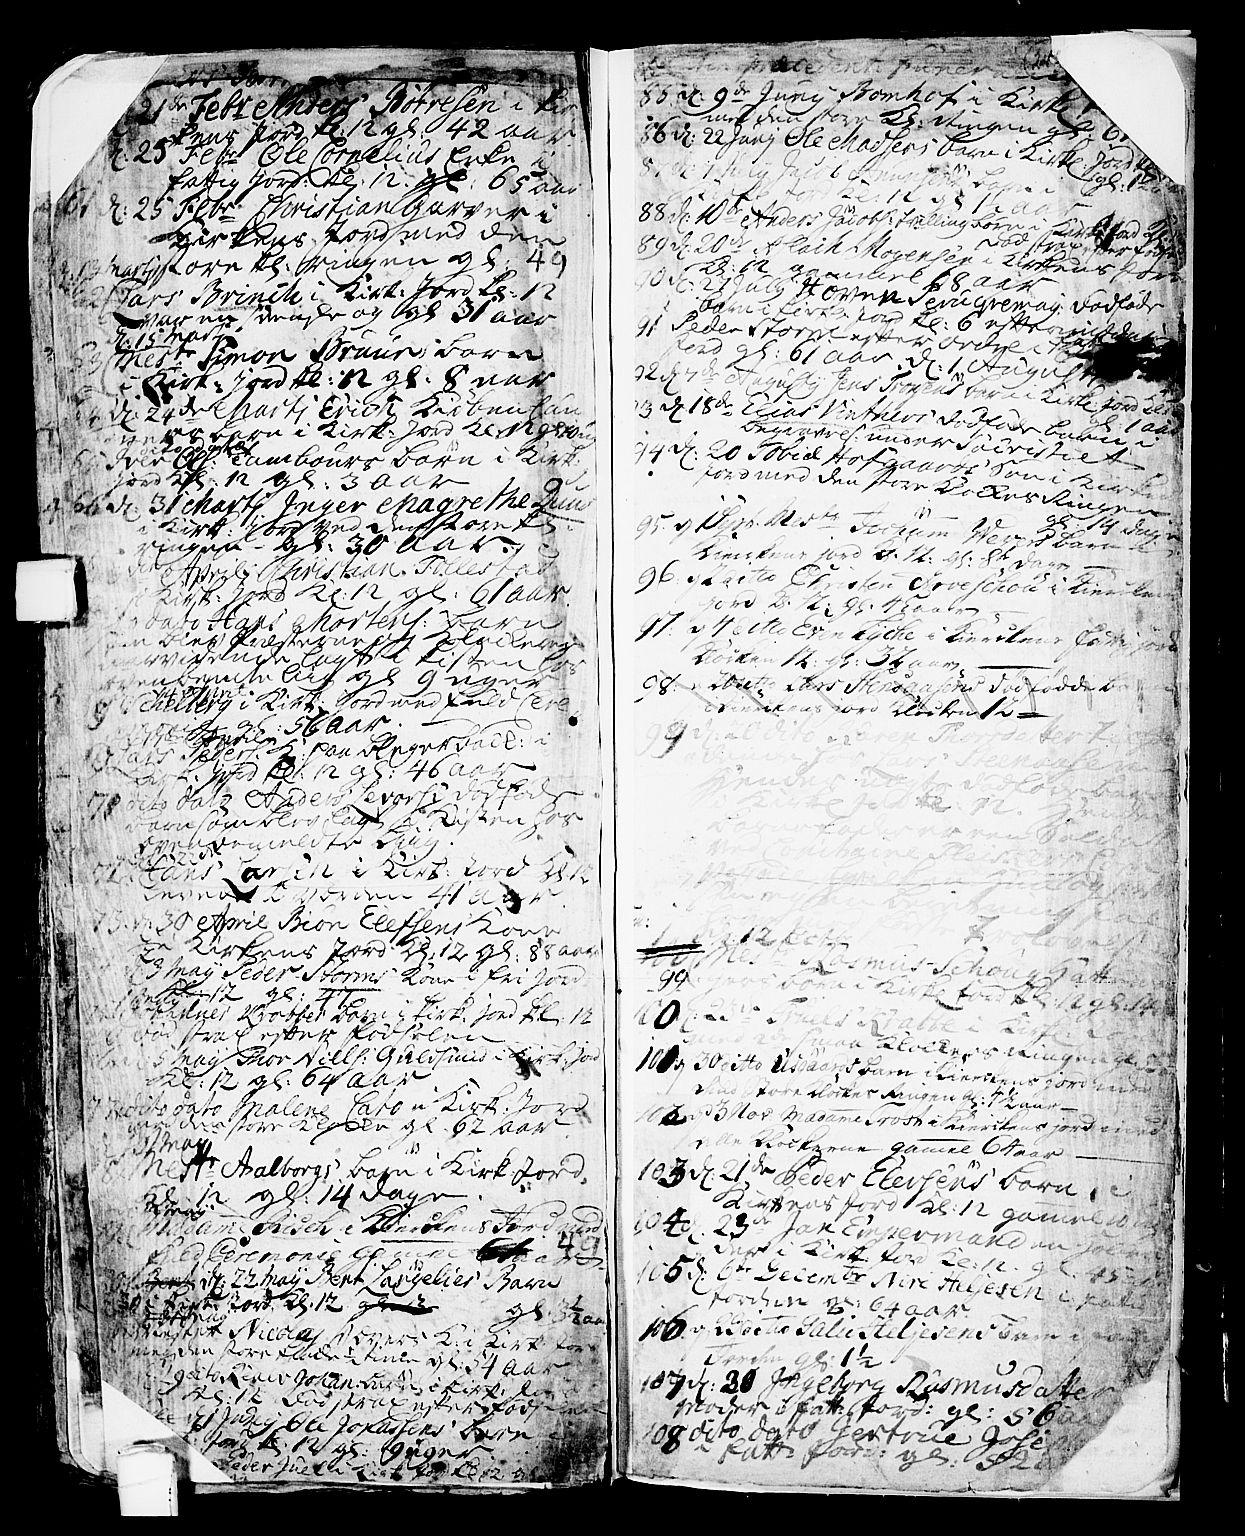 SAKO, Skien kirkebøker, F/Fa/L0002: Ministerialbok nr. 2, 1716-1757, s. 240